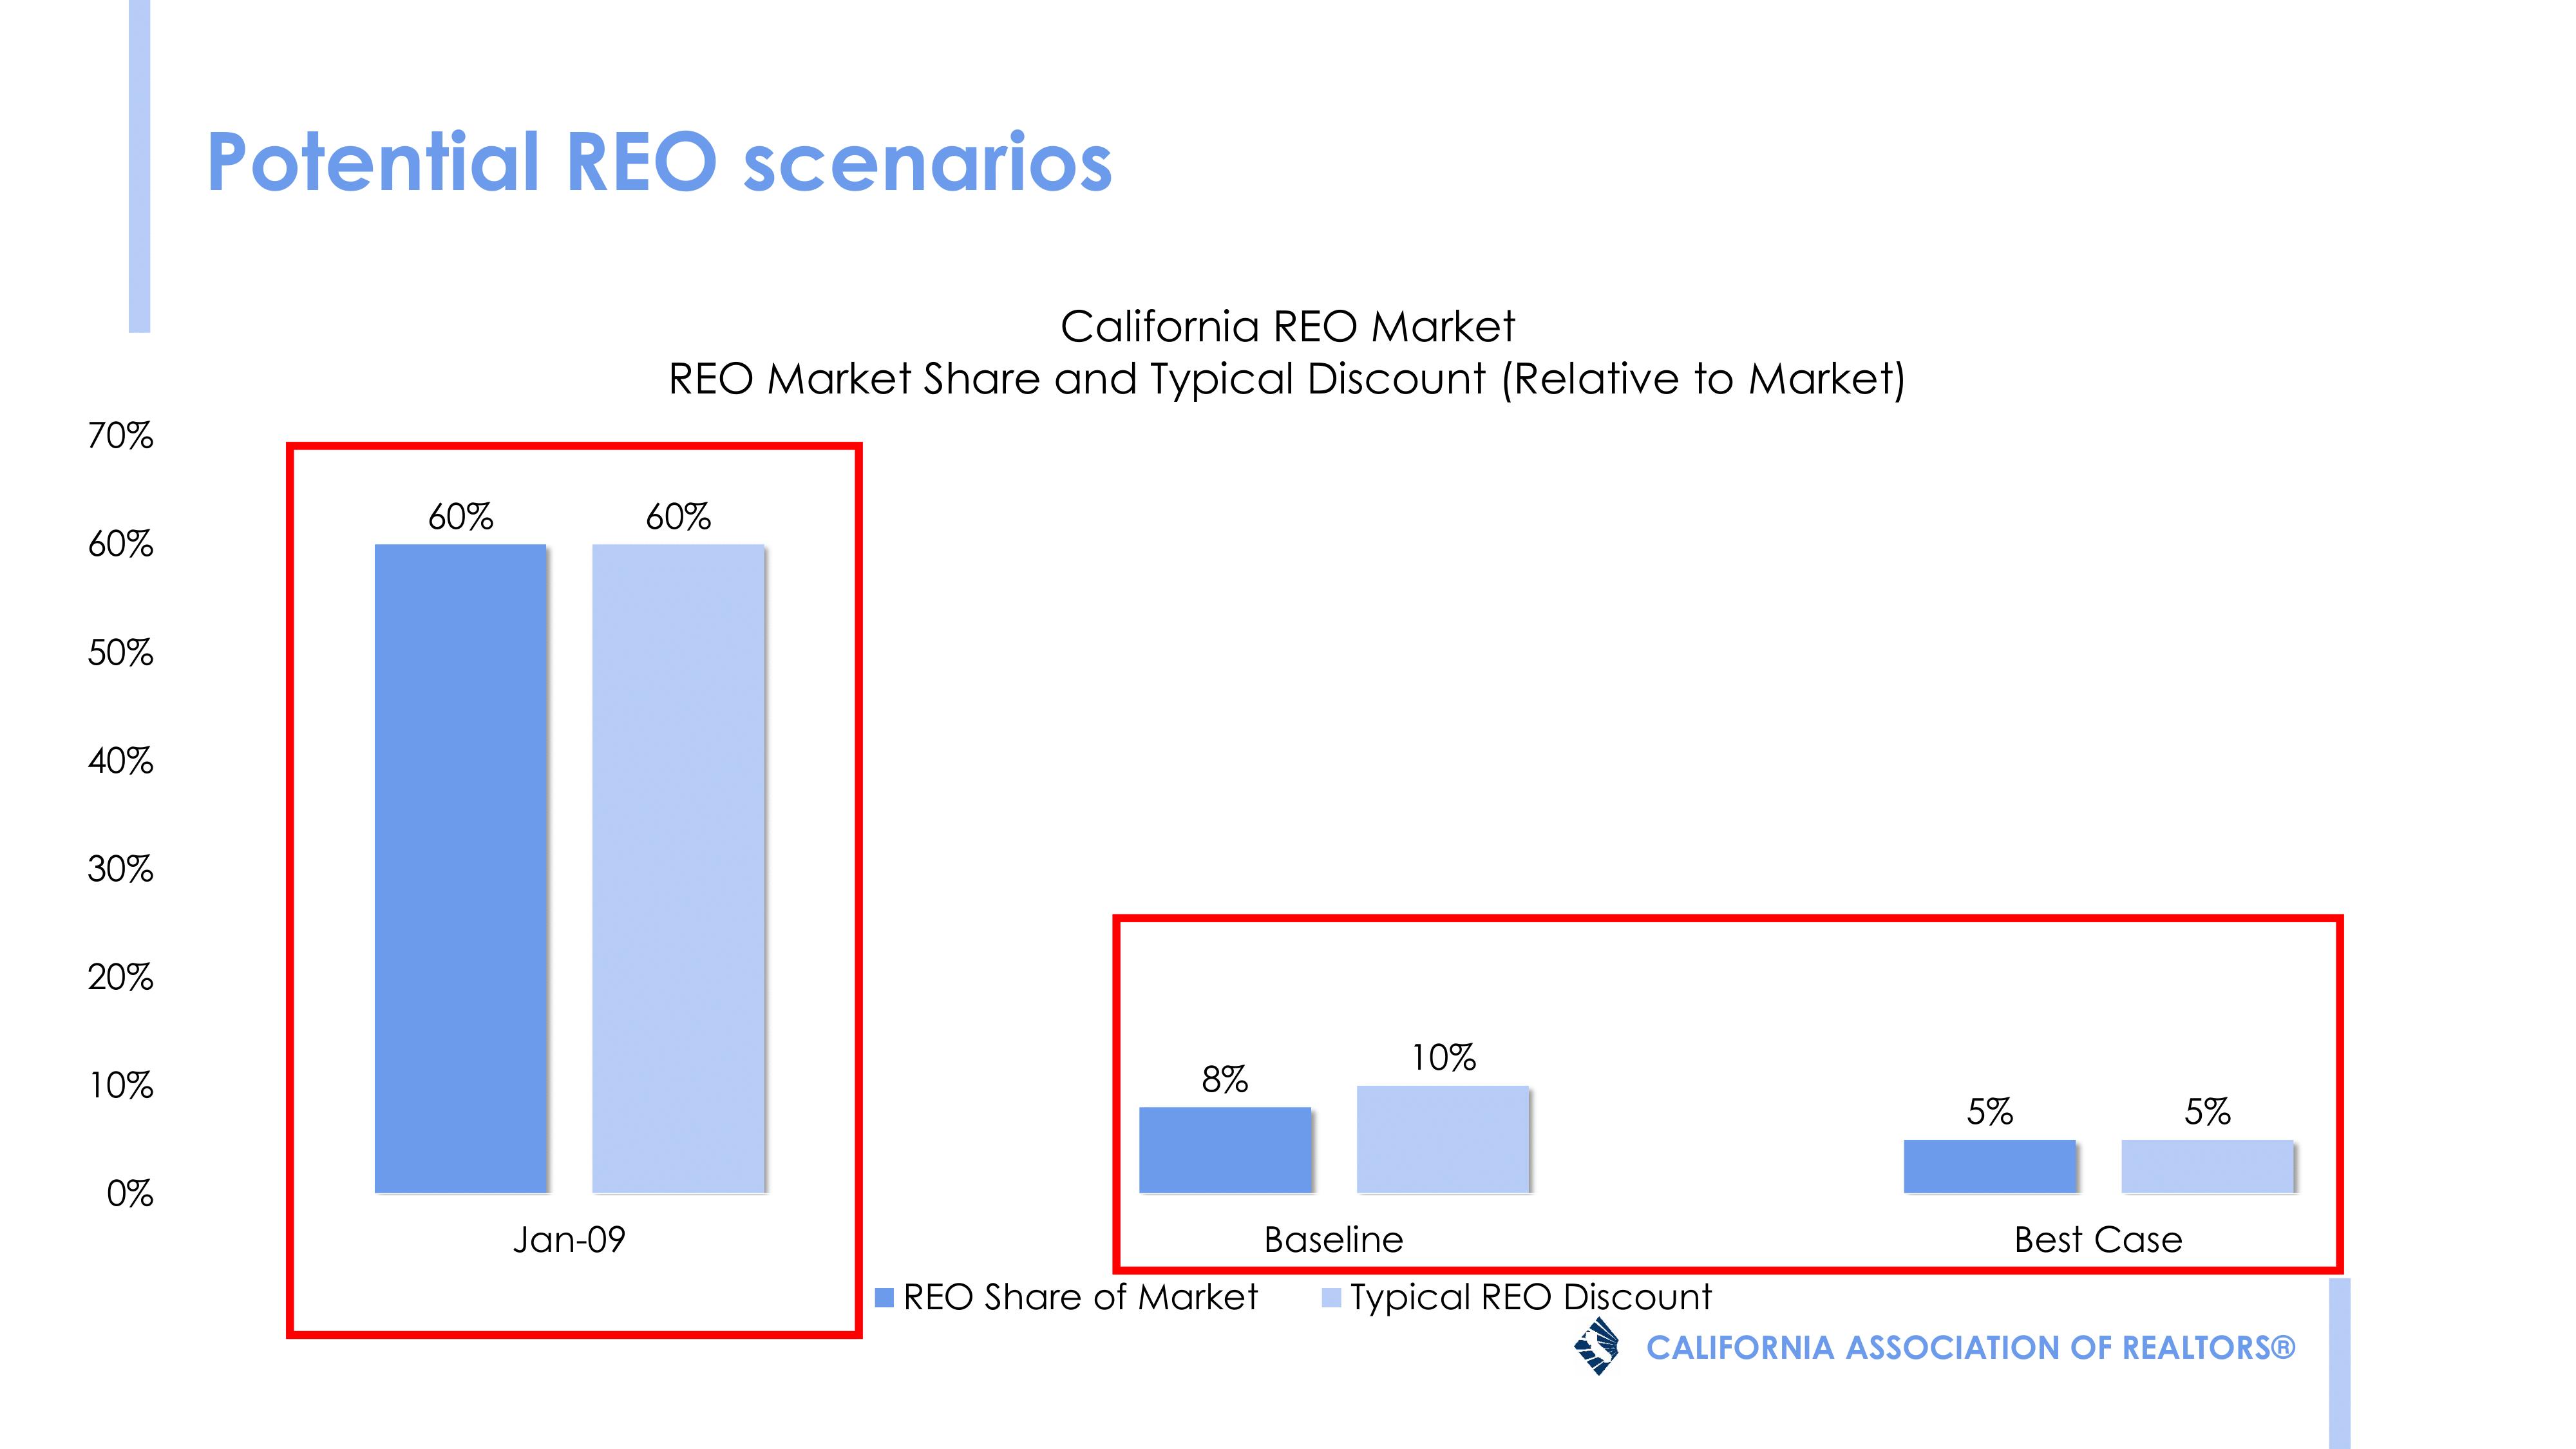 REO scenarios